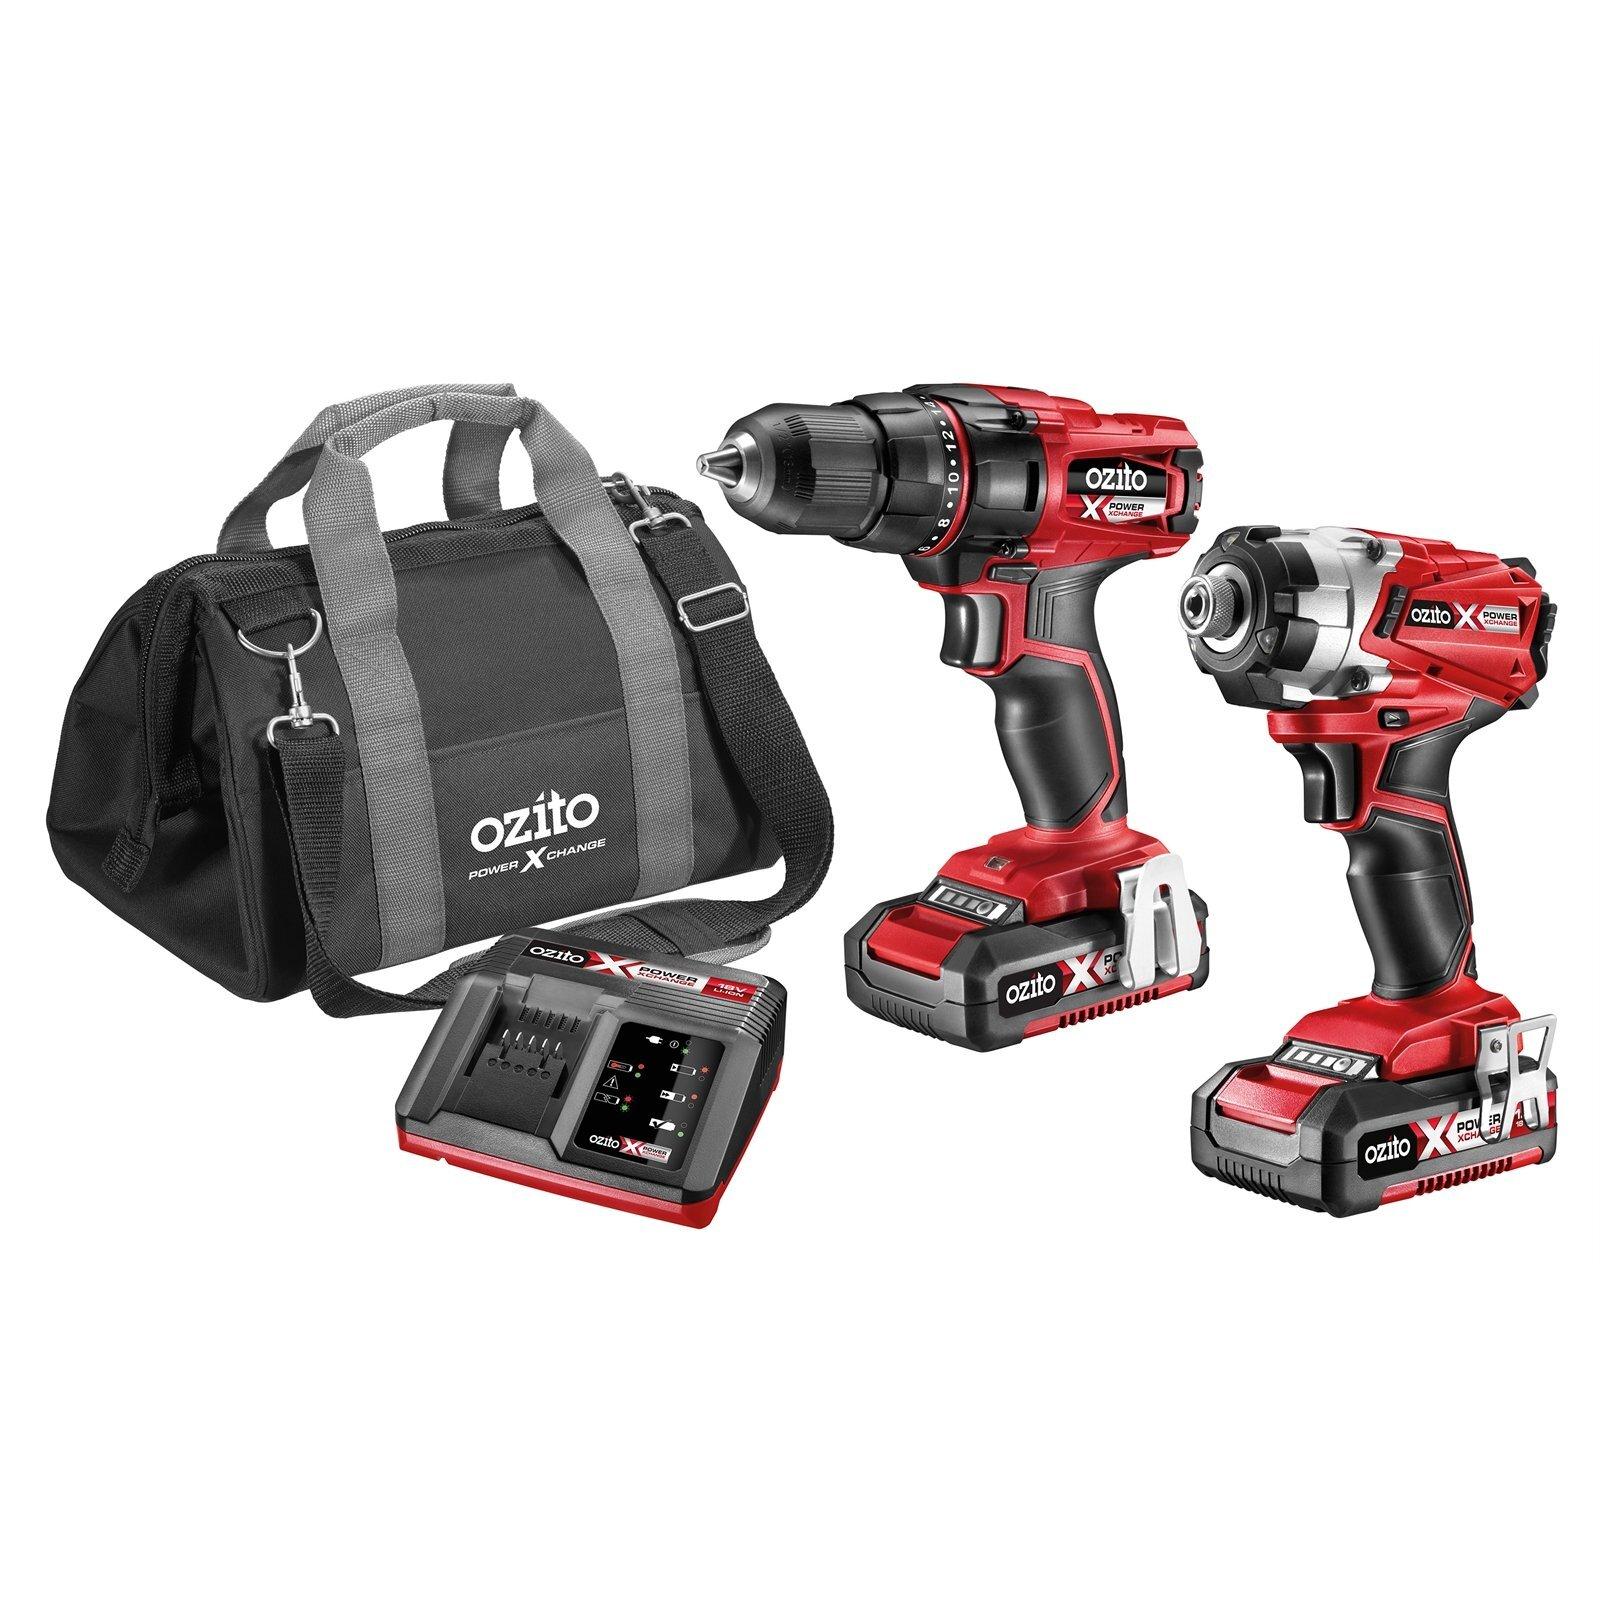 Ozito PXC 18V Drill And Impact Driver Kit